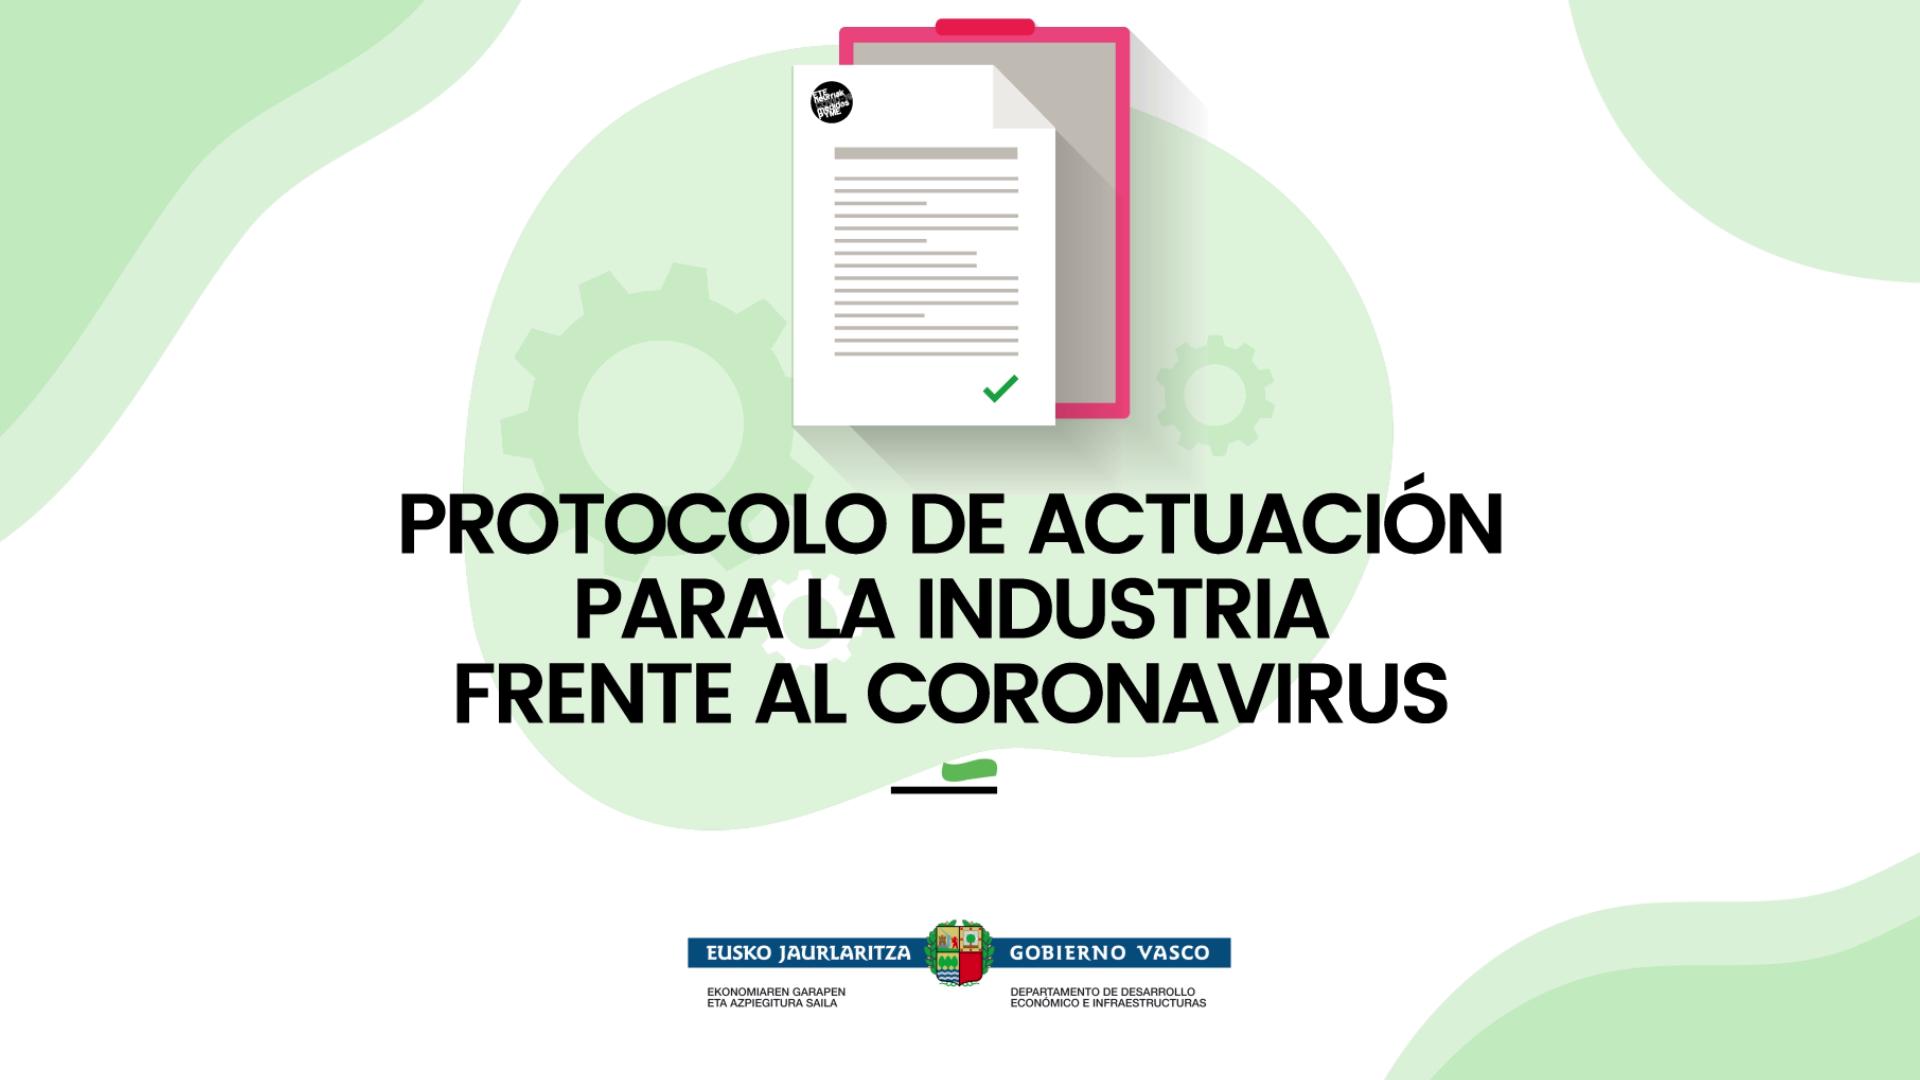 Protocolo de actuación para la industria frente al coronavirus [2:21]